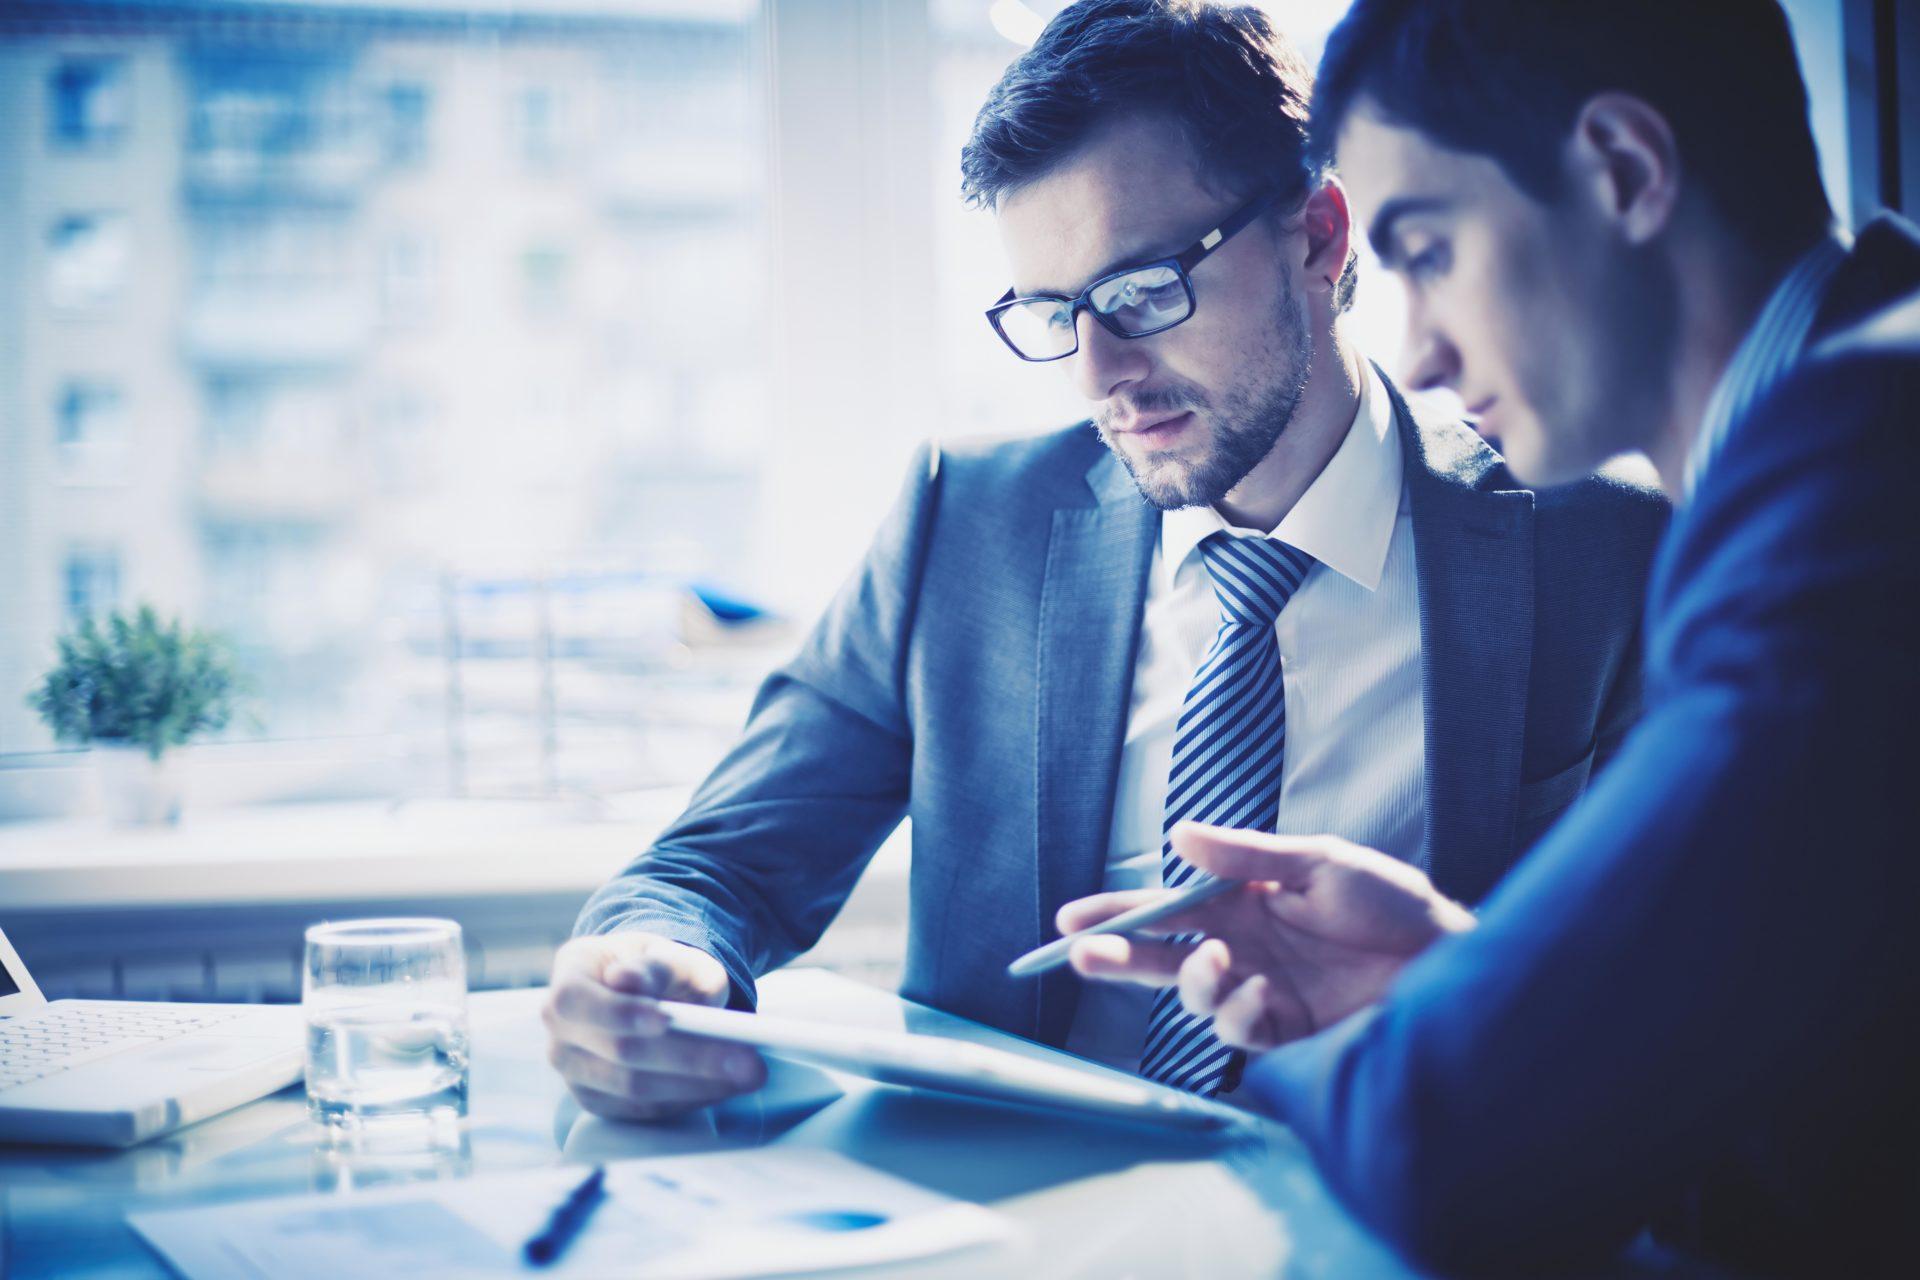 Ein Berater bespricht und analysiert mit einem Kunden die Ausgangssituation und Rahmenbedingungen für eine Digitale Transformation